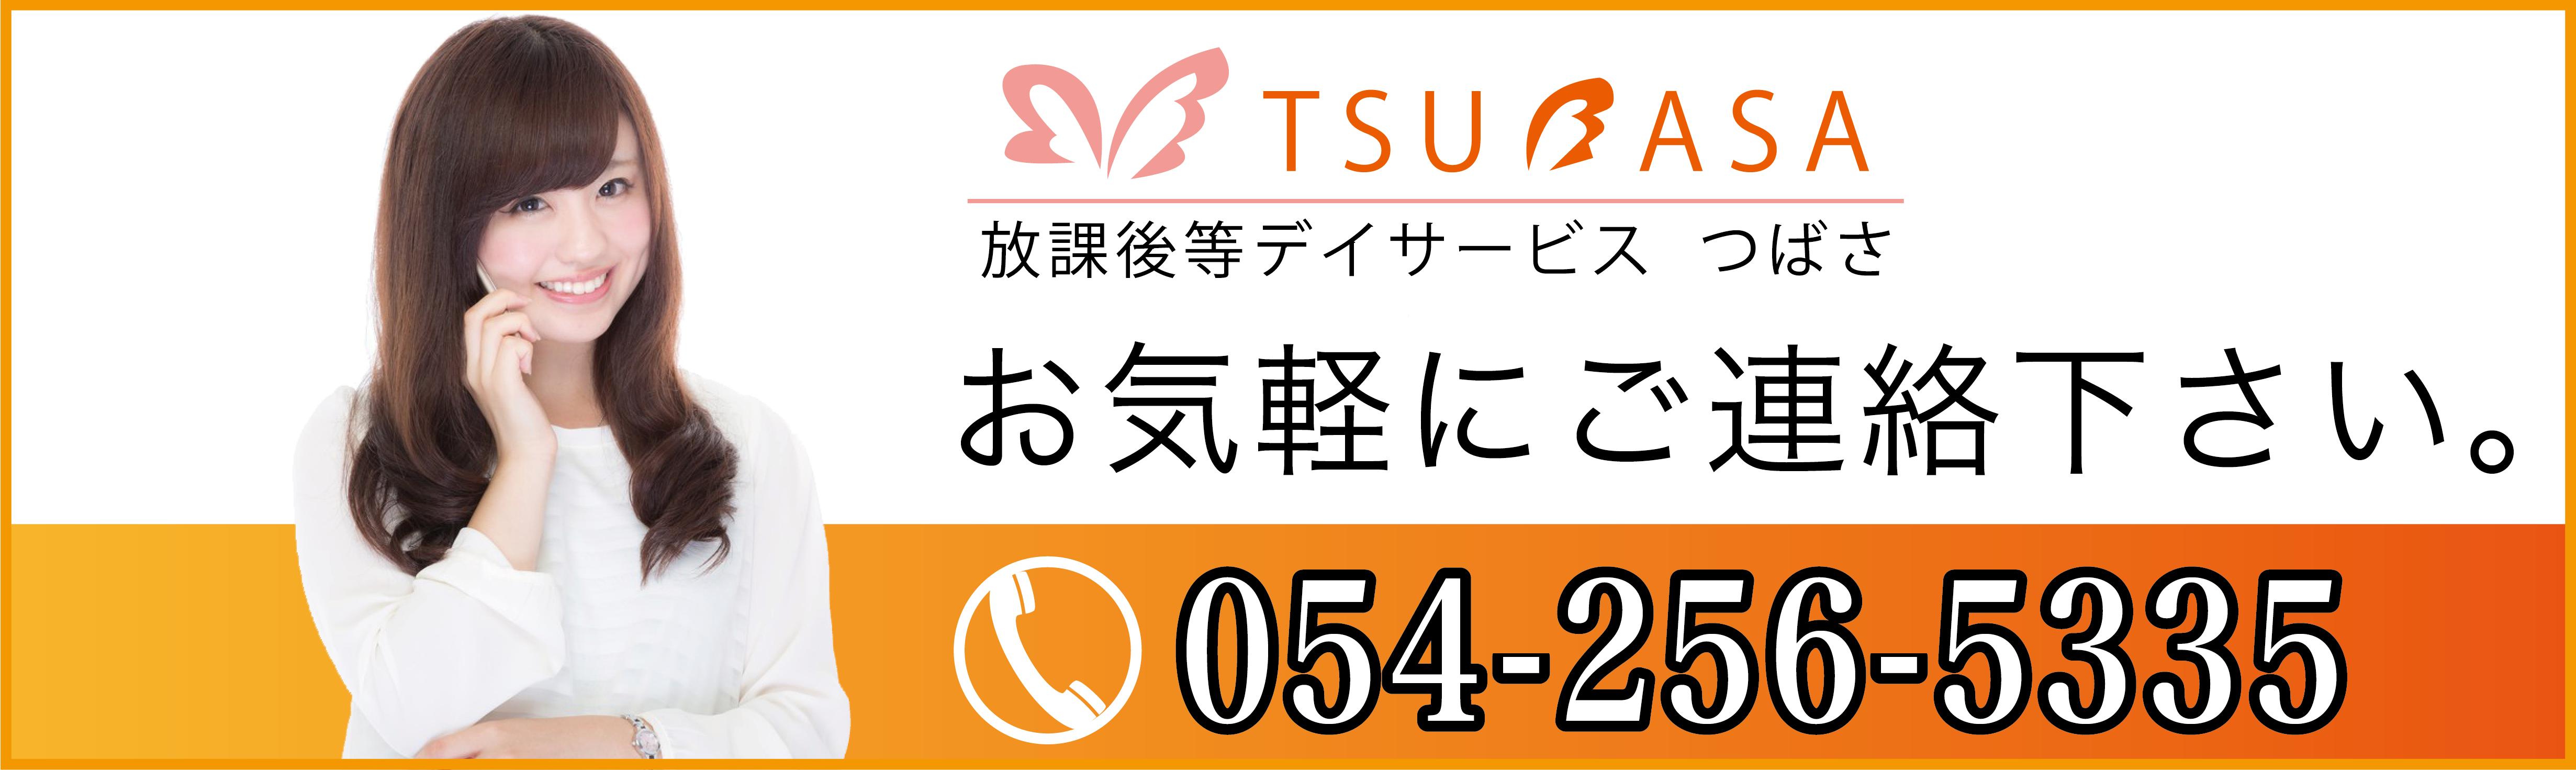 tsubasa-2